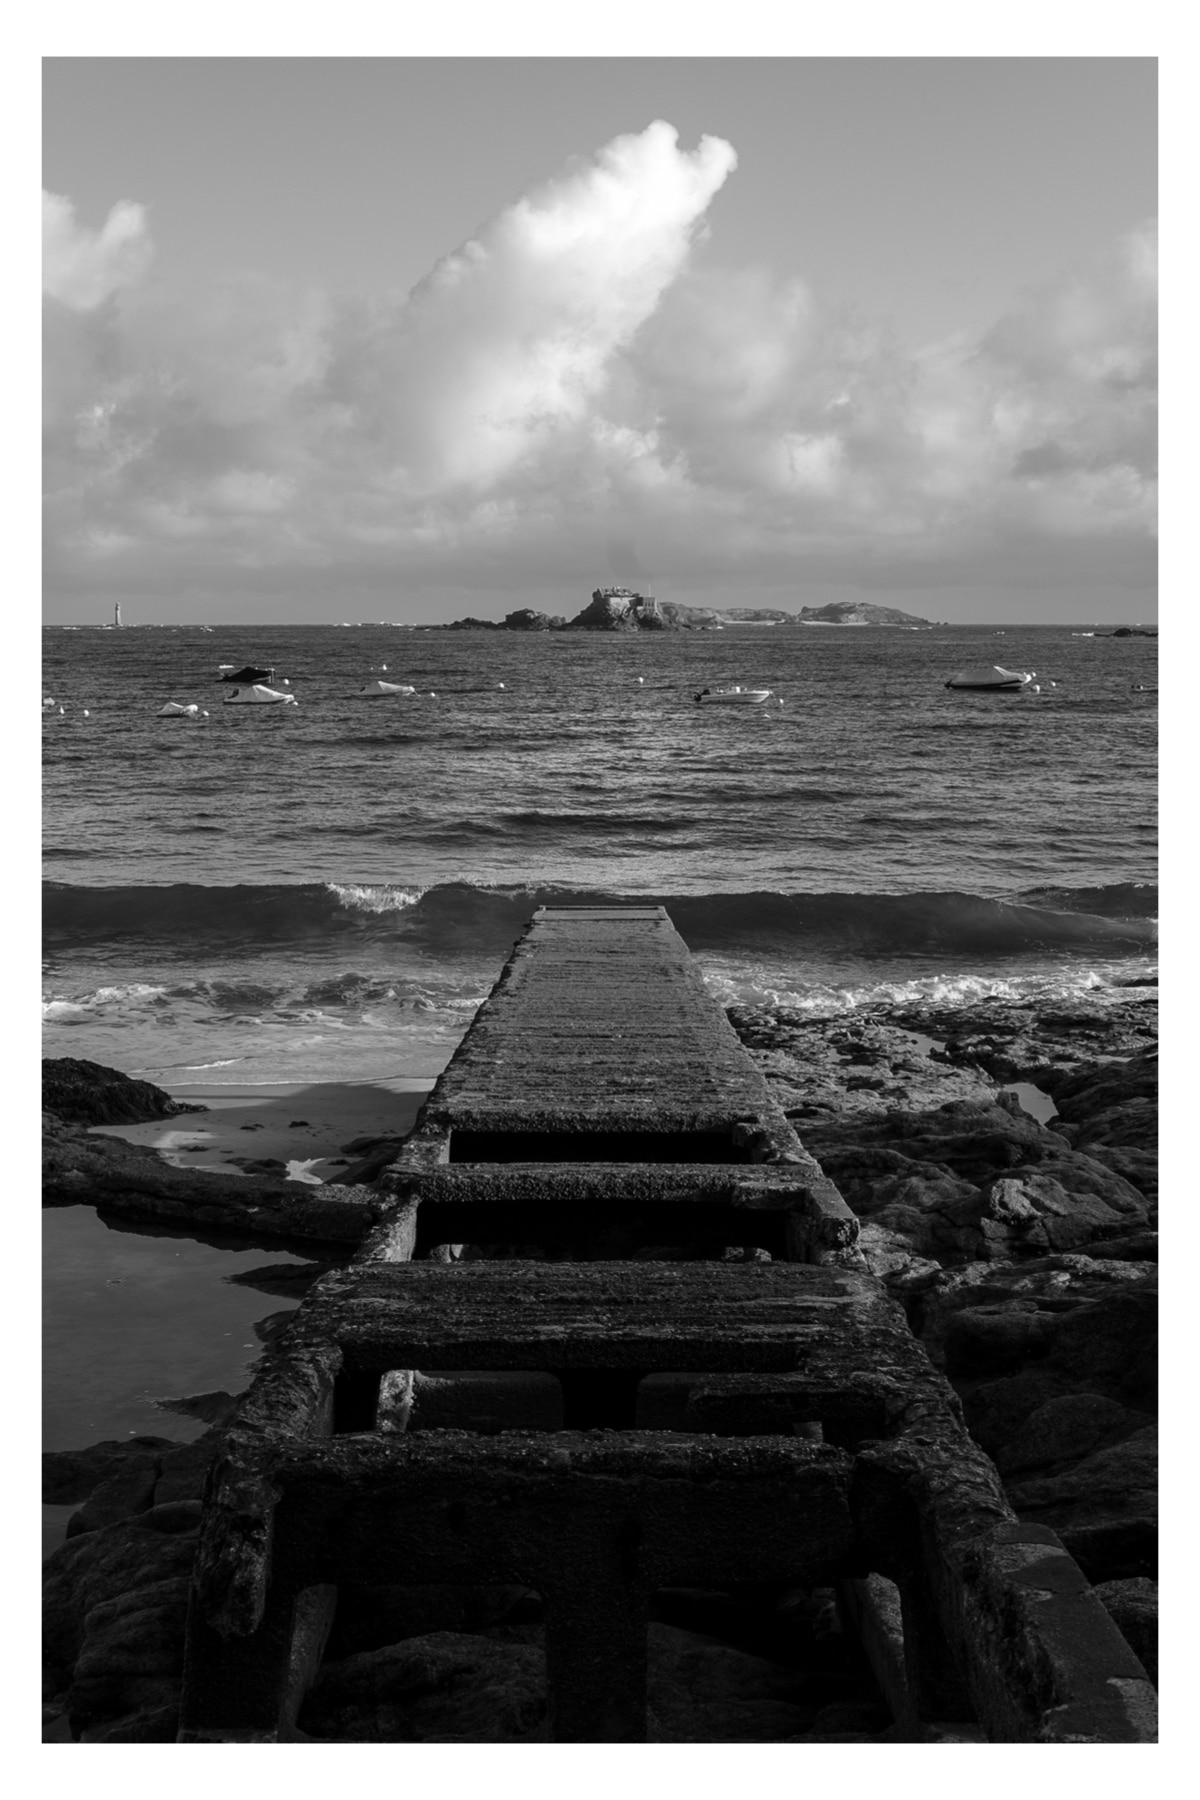 Monochrome photo of a cement pier leading into the ocean falling short of Fort de Harbour along the Chemin de Ronde de la Malouine in Dinard, France